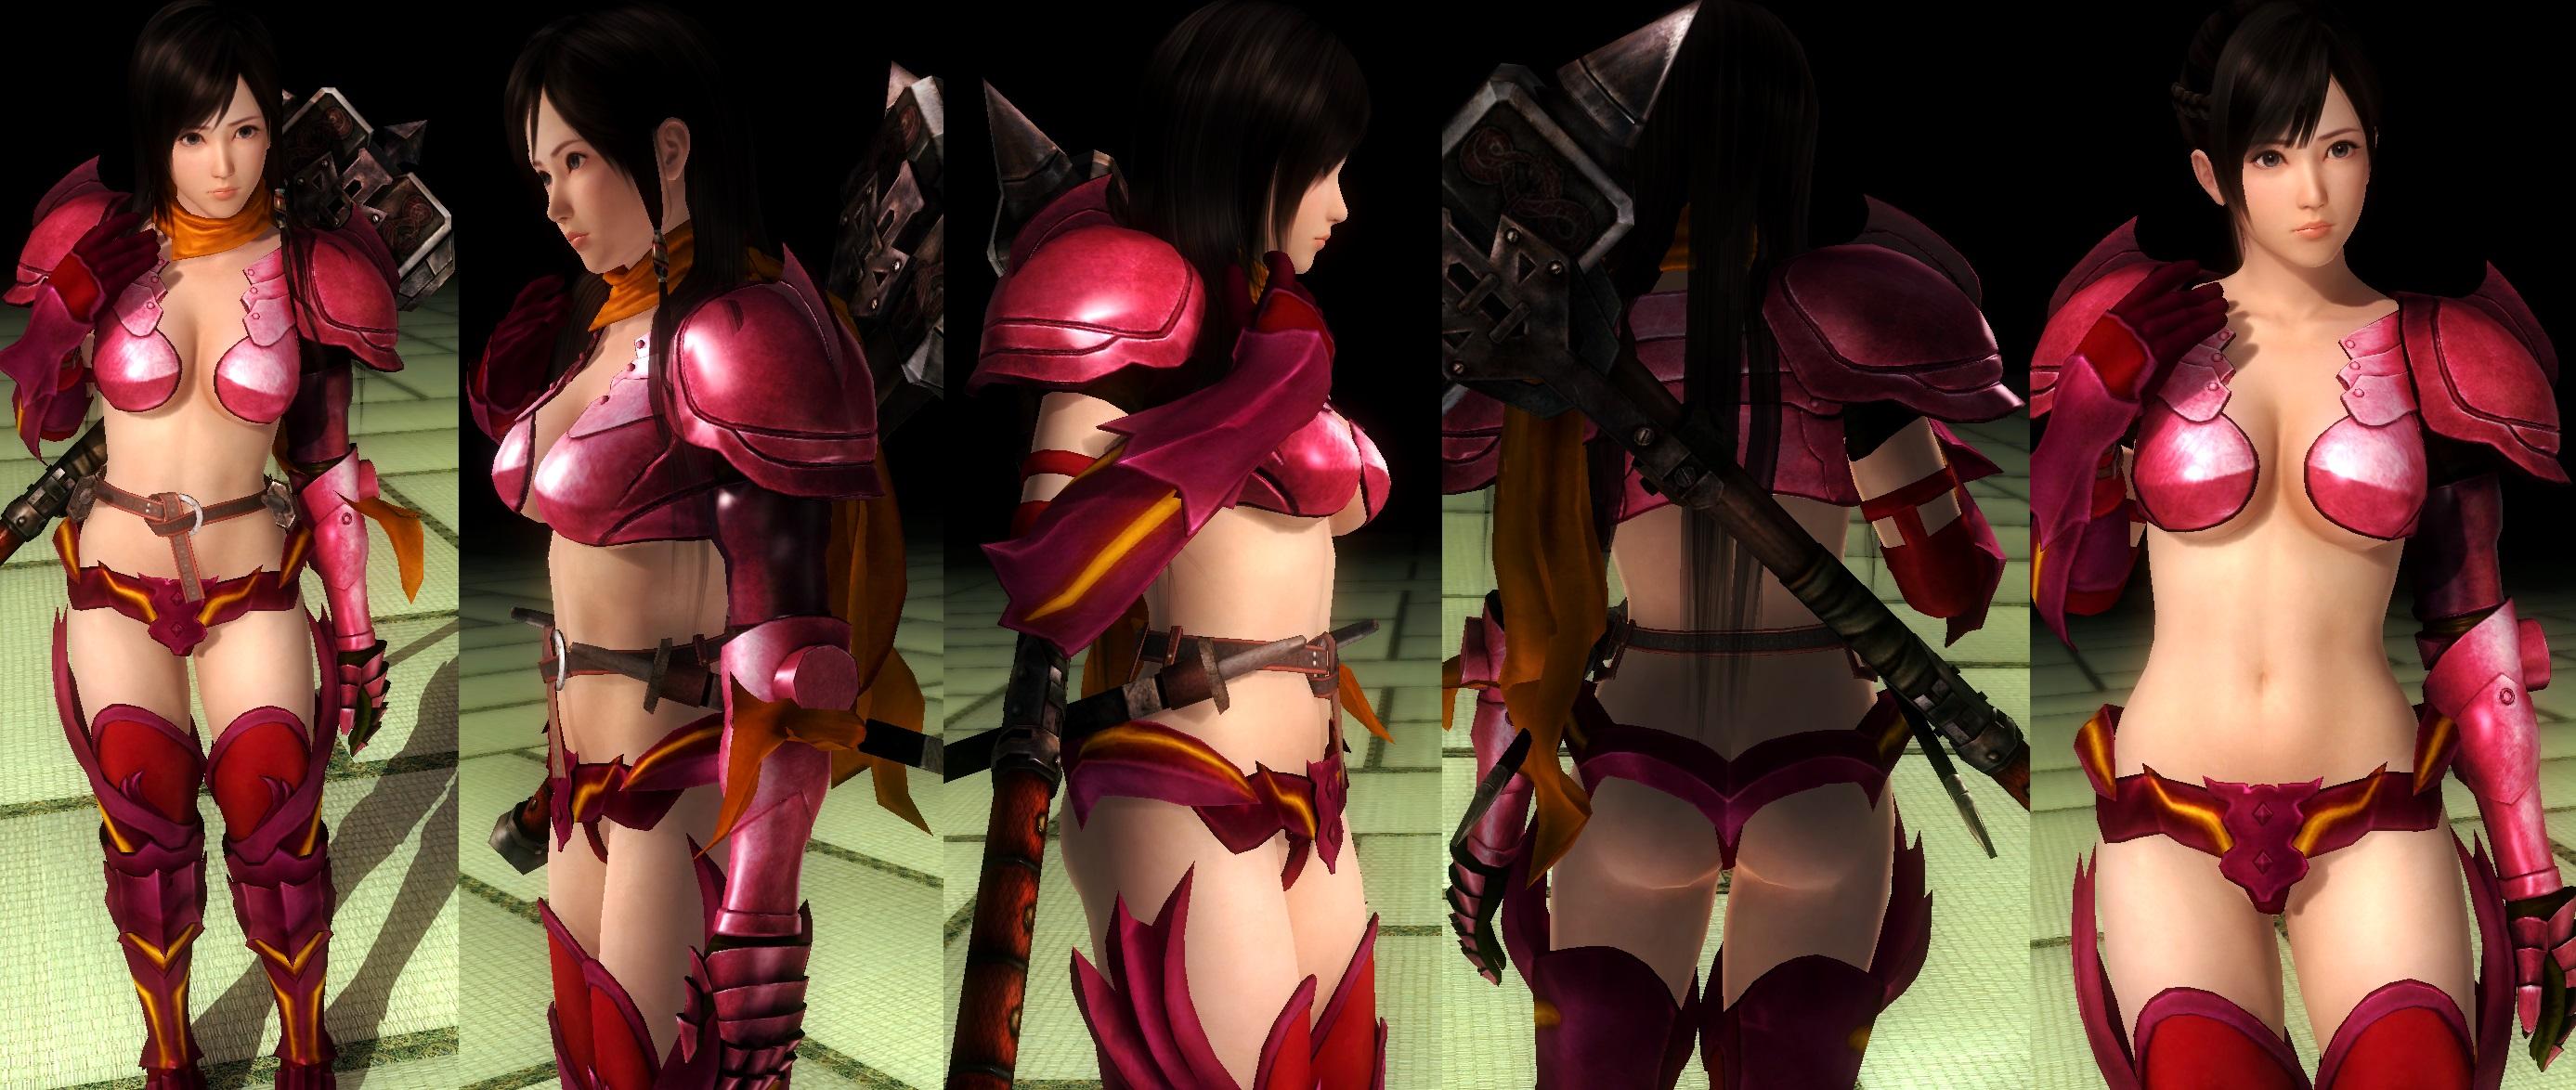 Kokoro Bikini Armor by funnybunny666